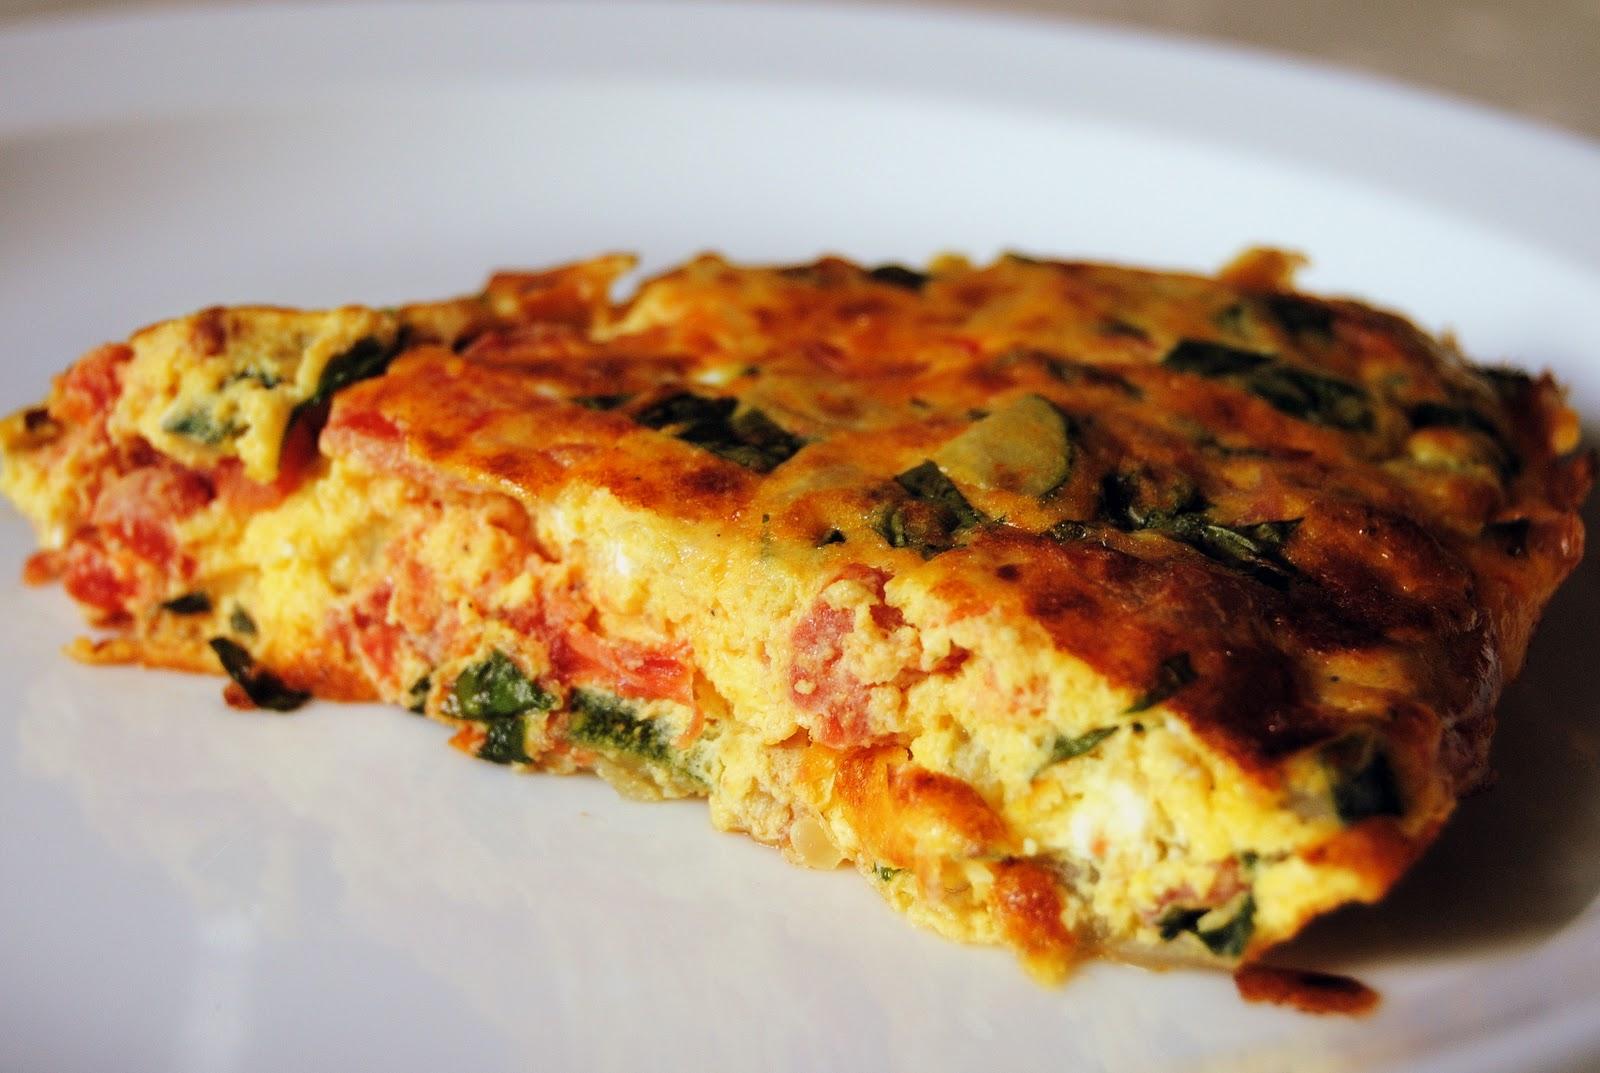 Frittata er en italiensk omelett med mange forskjellige ingredienser ...